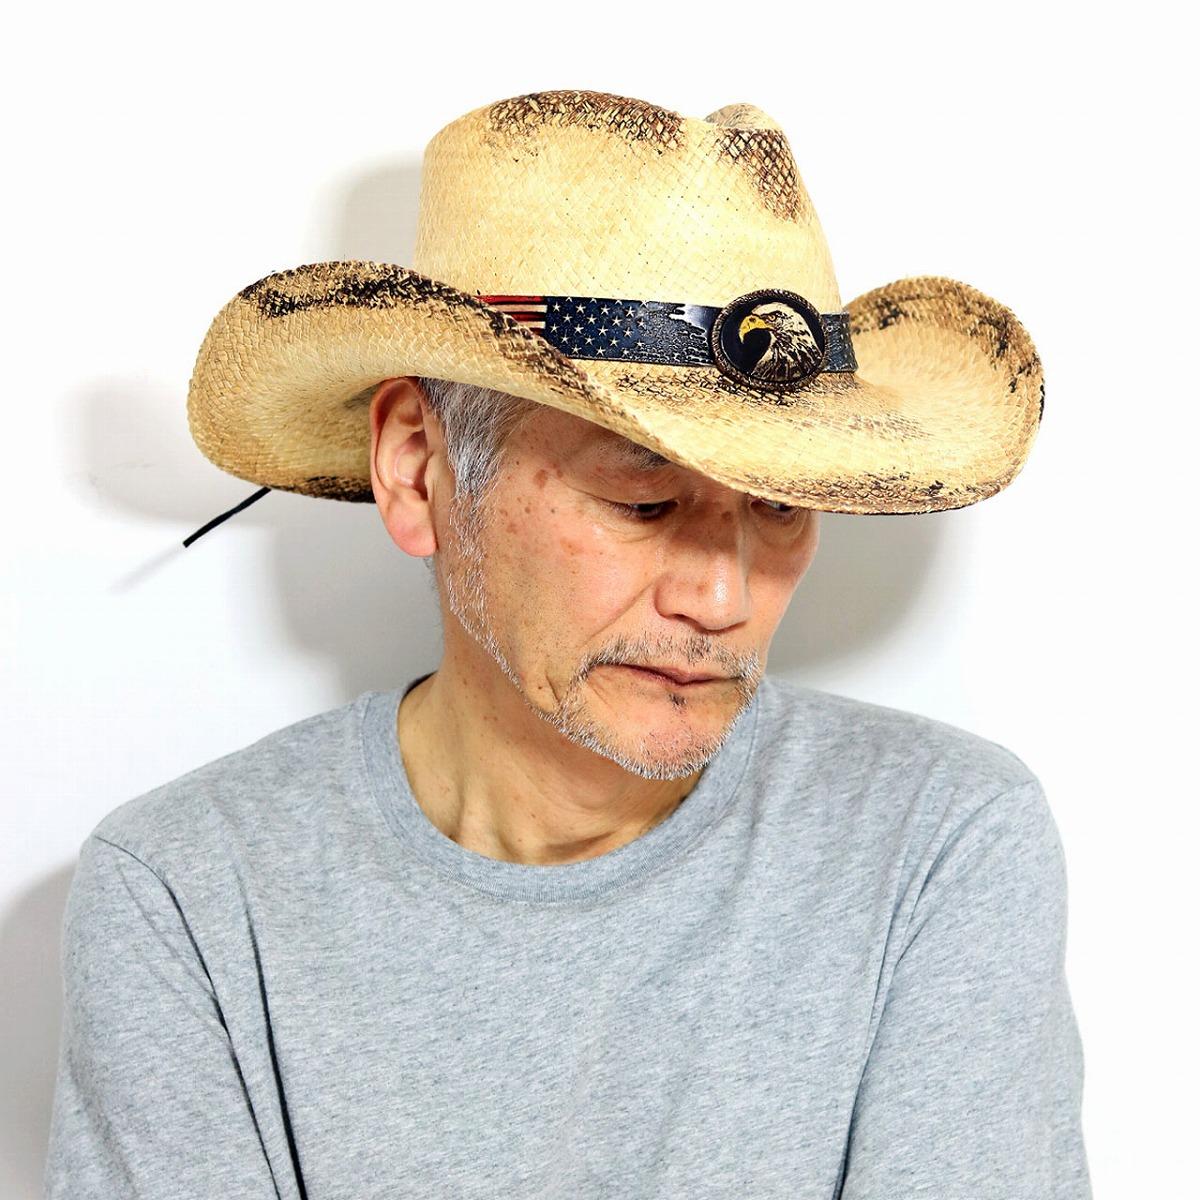 パナマハット メンズ 帽子 星条旗 イーグル テンガロンハット メンズ California Hat Company Inc. stampede hat つば広ハット メンズ カウボーイハット ウエスタン ティーステイン [ panama hat ] [ cowboy hat ] 帽子 日よけ つば広 麦藁帽子